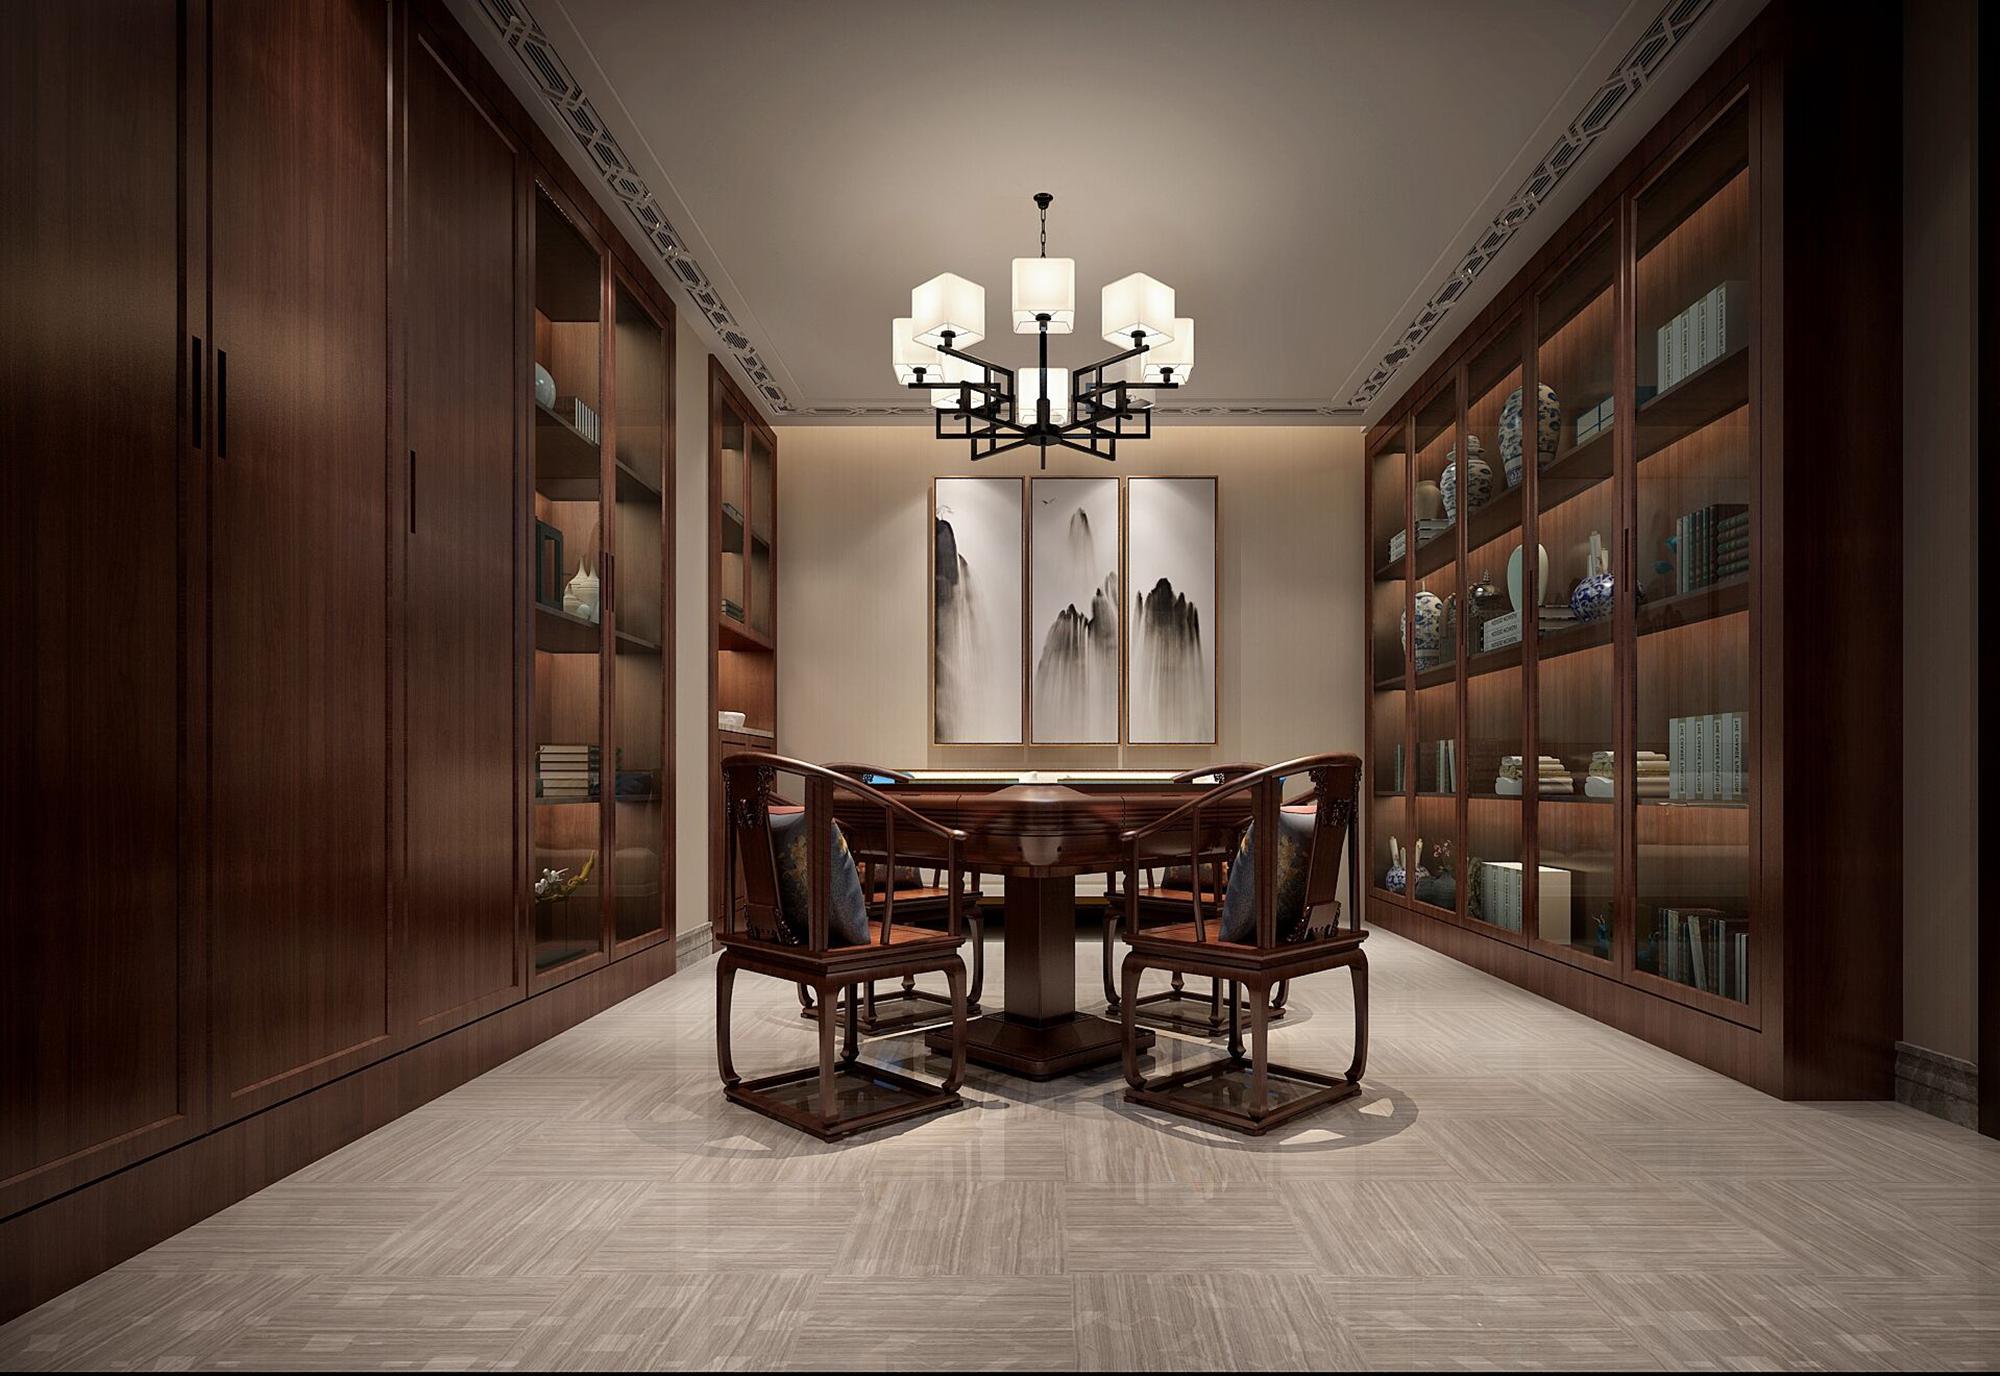 别墅 设计 装修 案例 新中式风格 棋牌室图片来自无锡别墅设计s在吉宝澜岸名邸新中式案例的分享